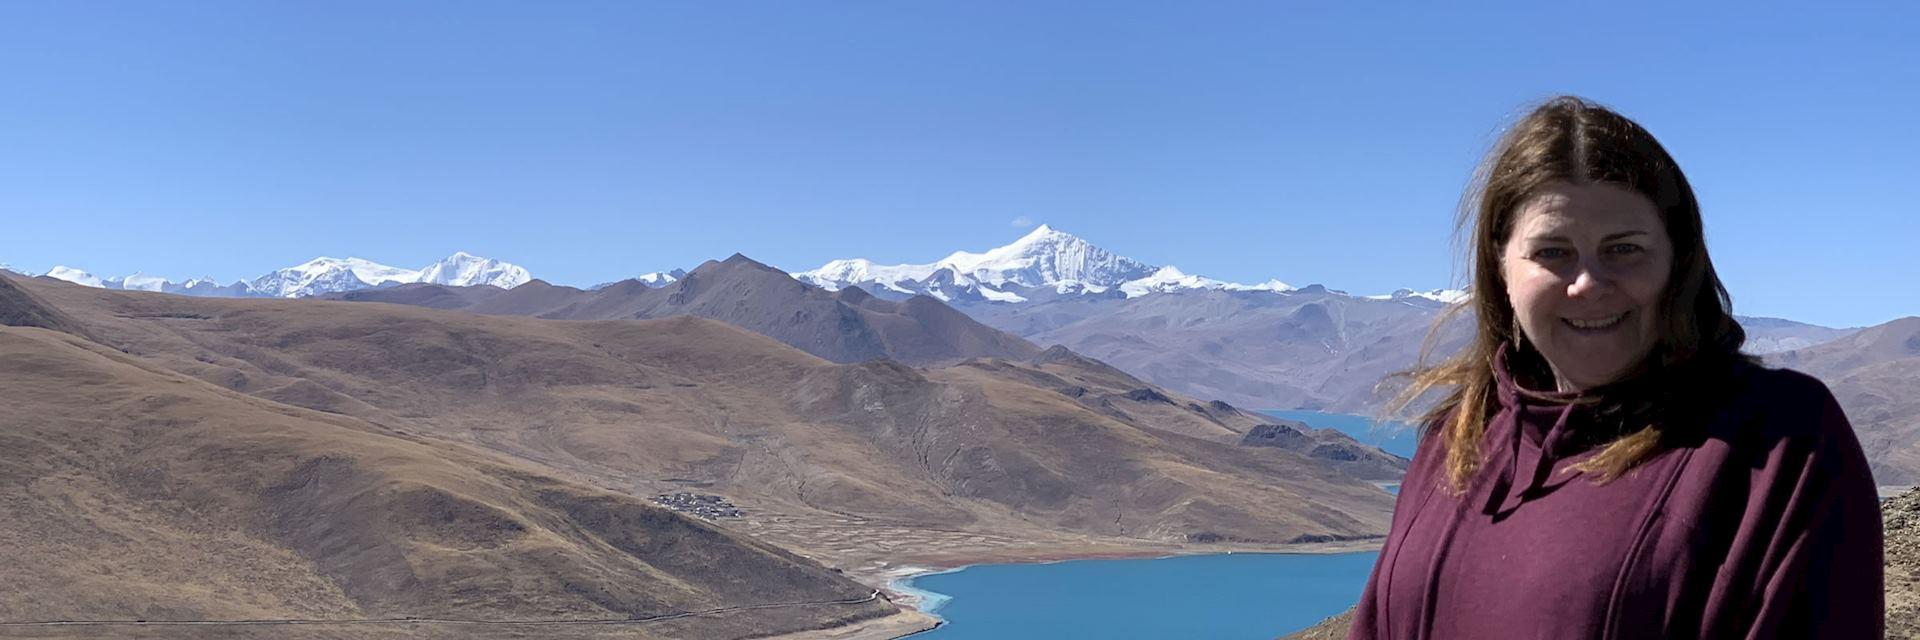 Kara at Yamdrok-tso in Tibet